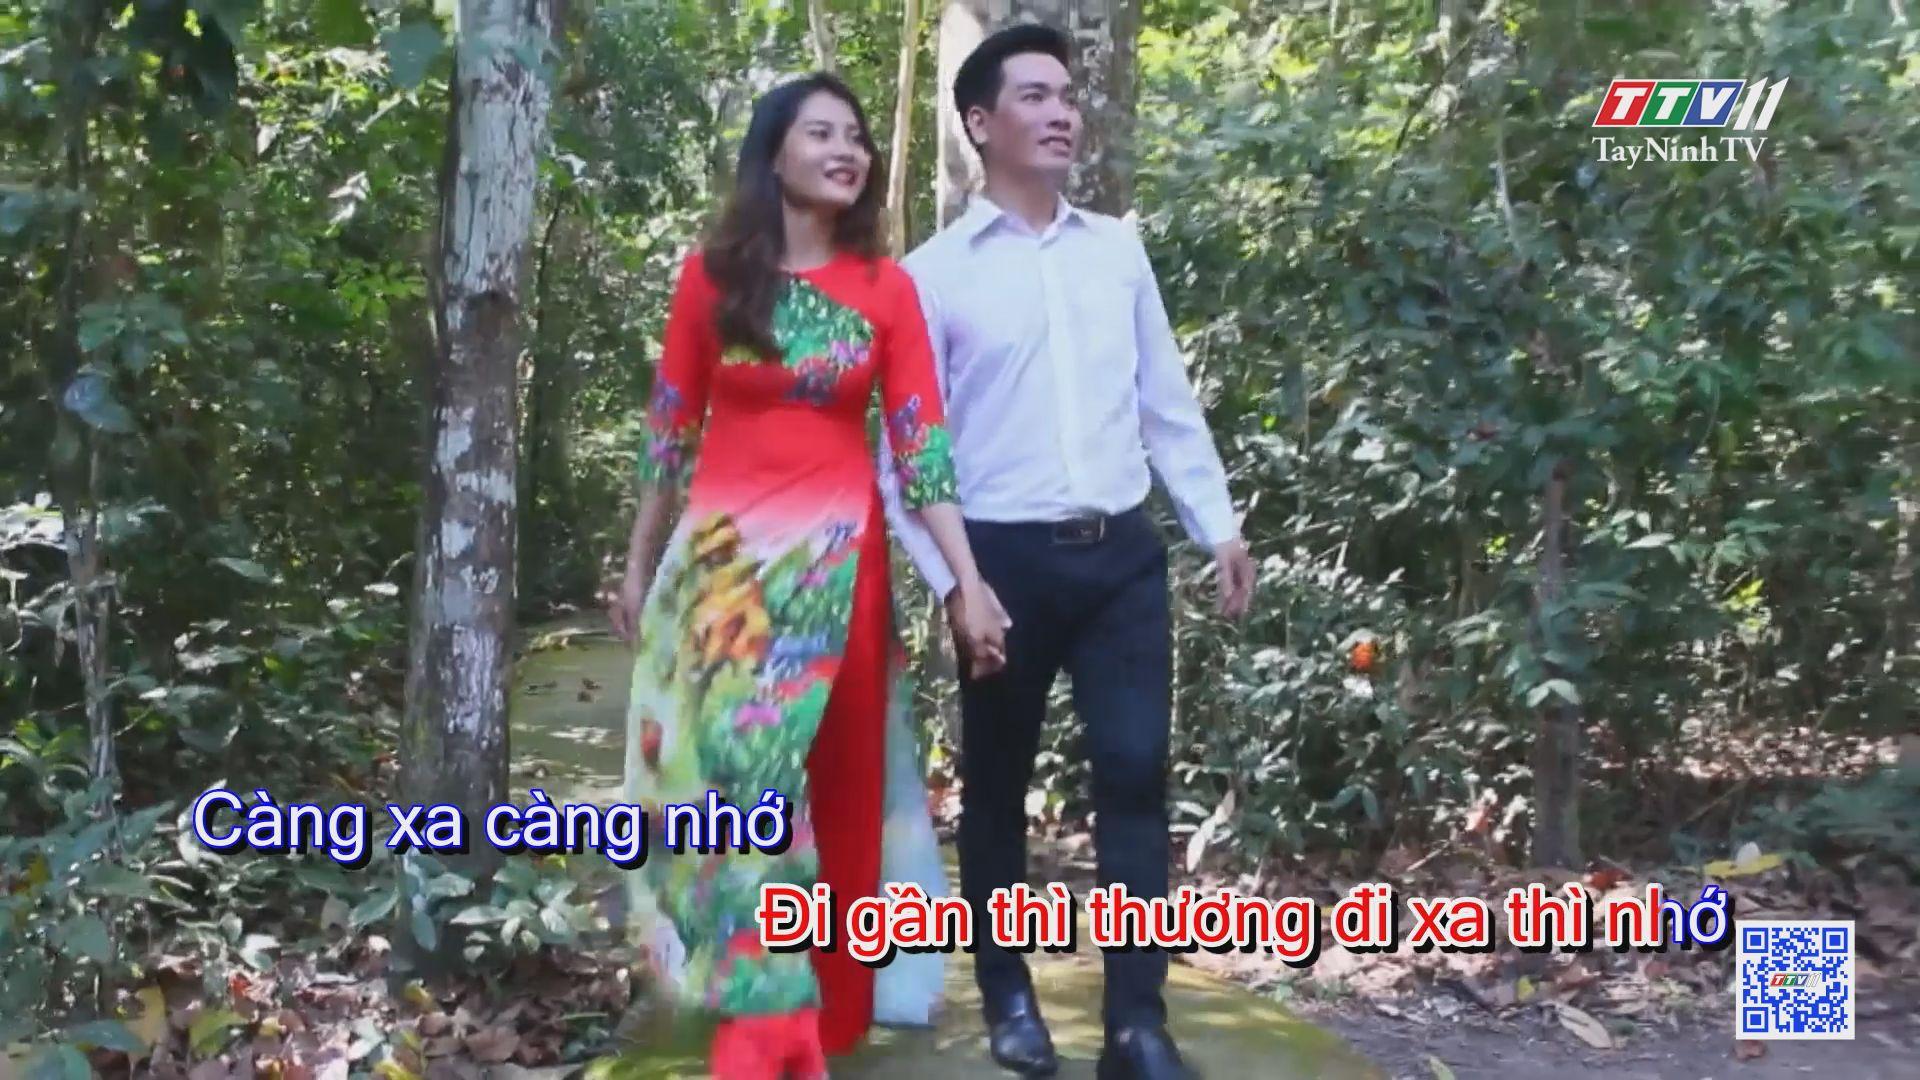 Quê tôi KARAOKE | Tuyển tập karaoke Tây Ninh tình yêu trong tôi | TayNinhTV